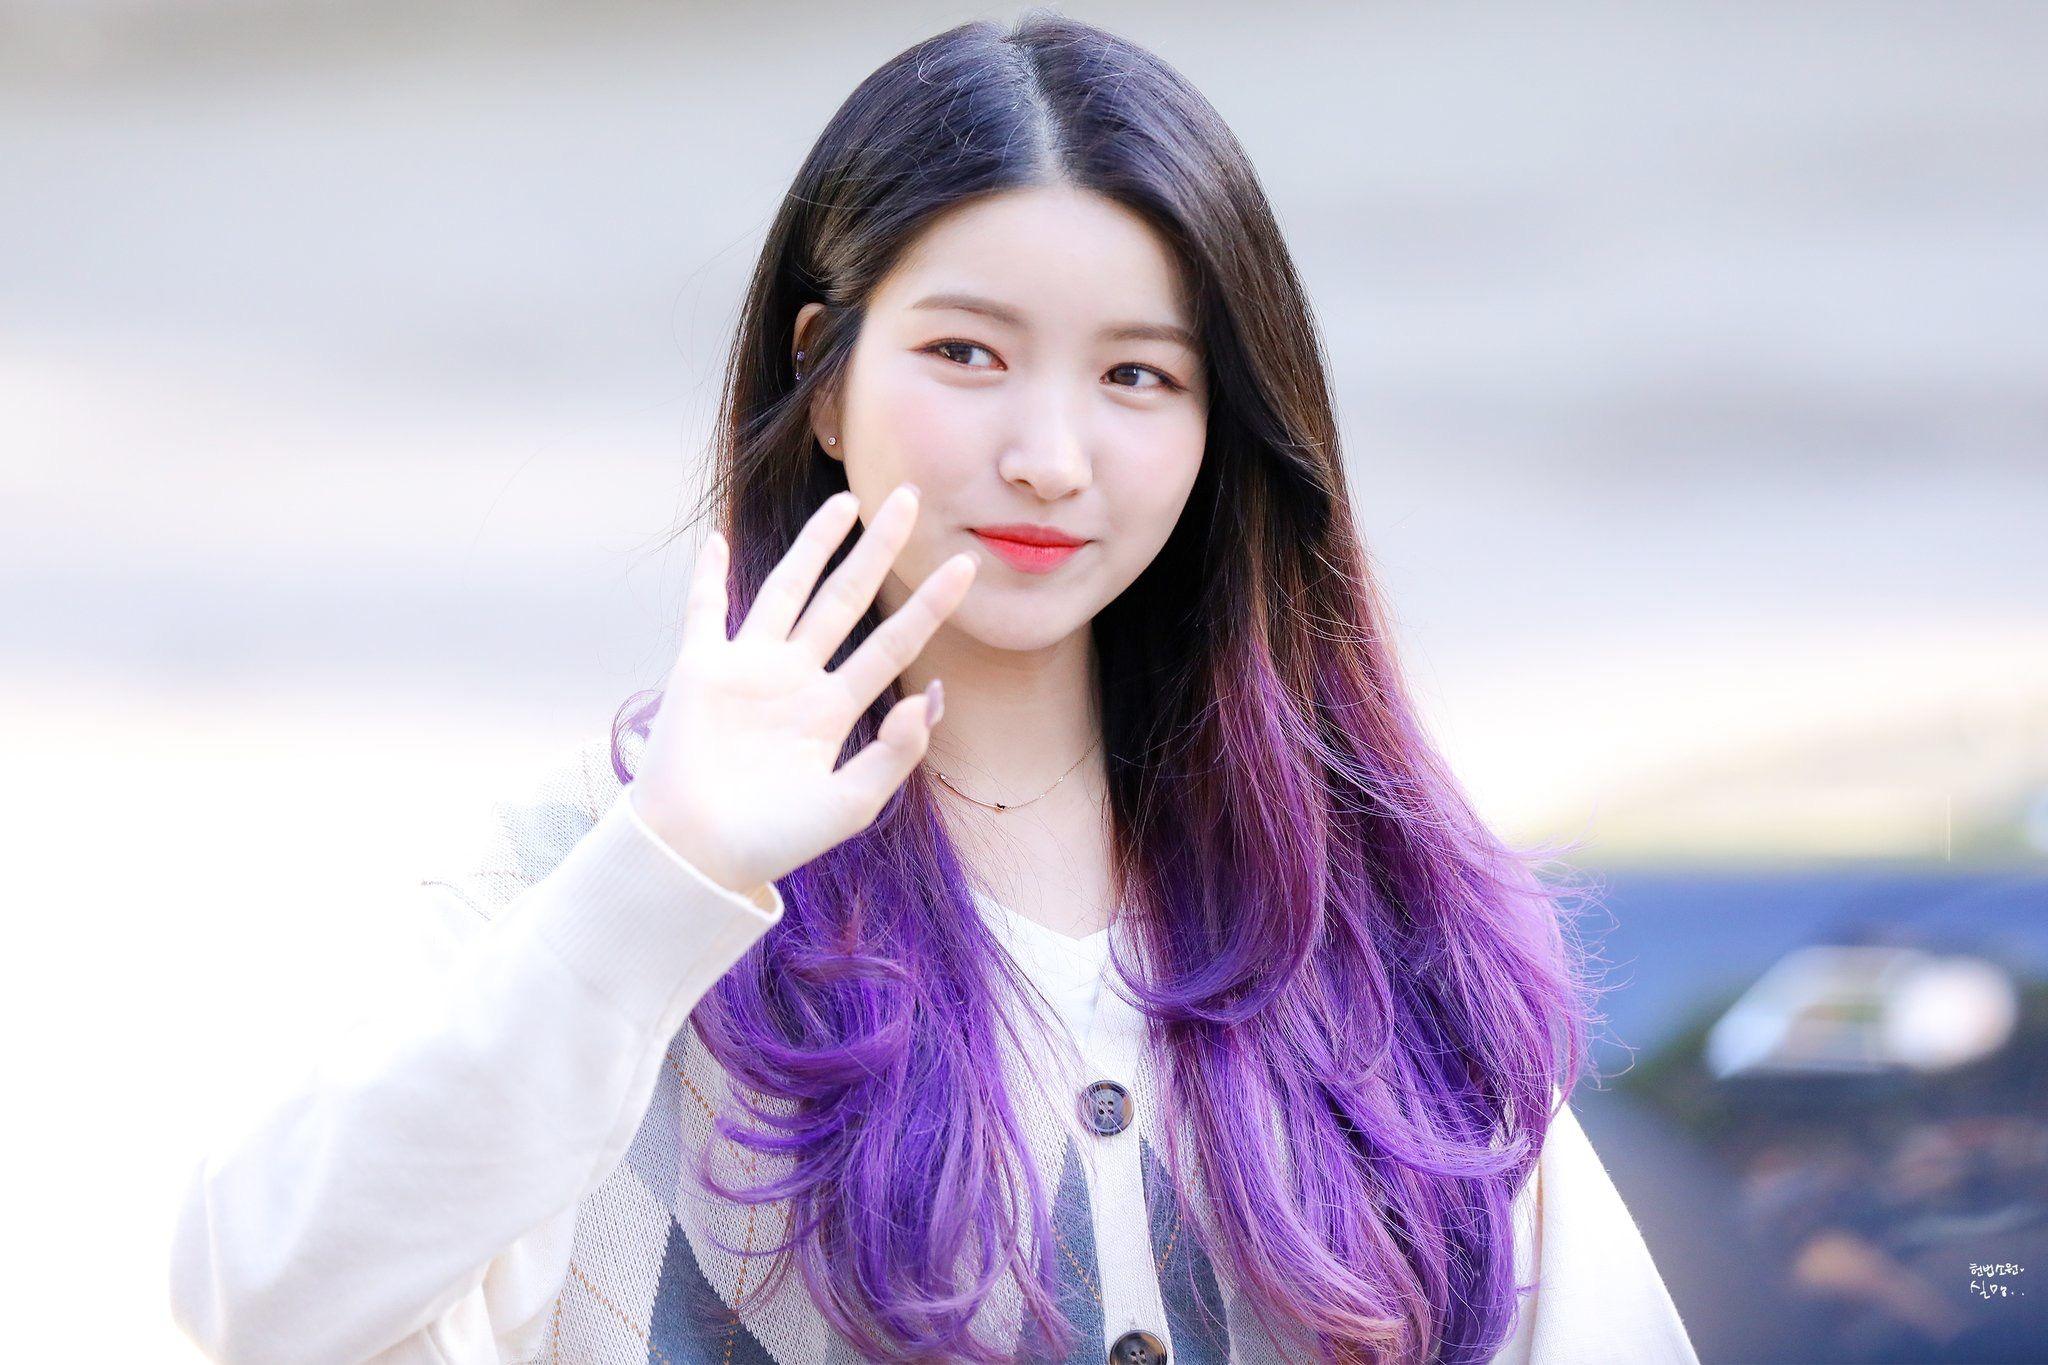 Imagini pentru Sowon (Gfriend)